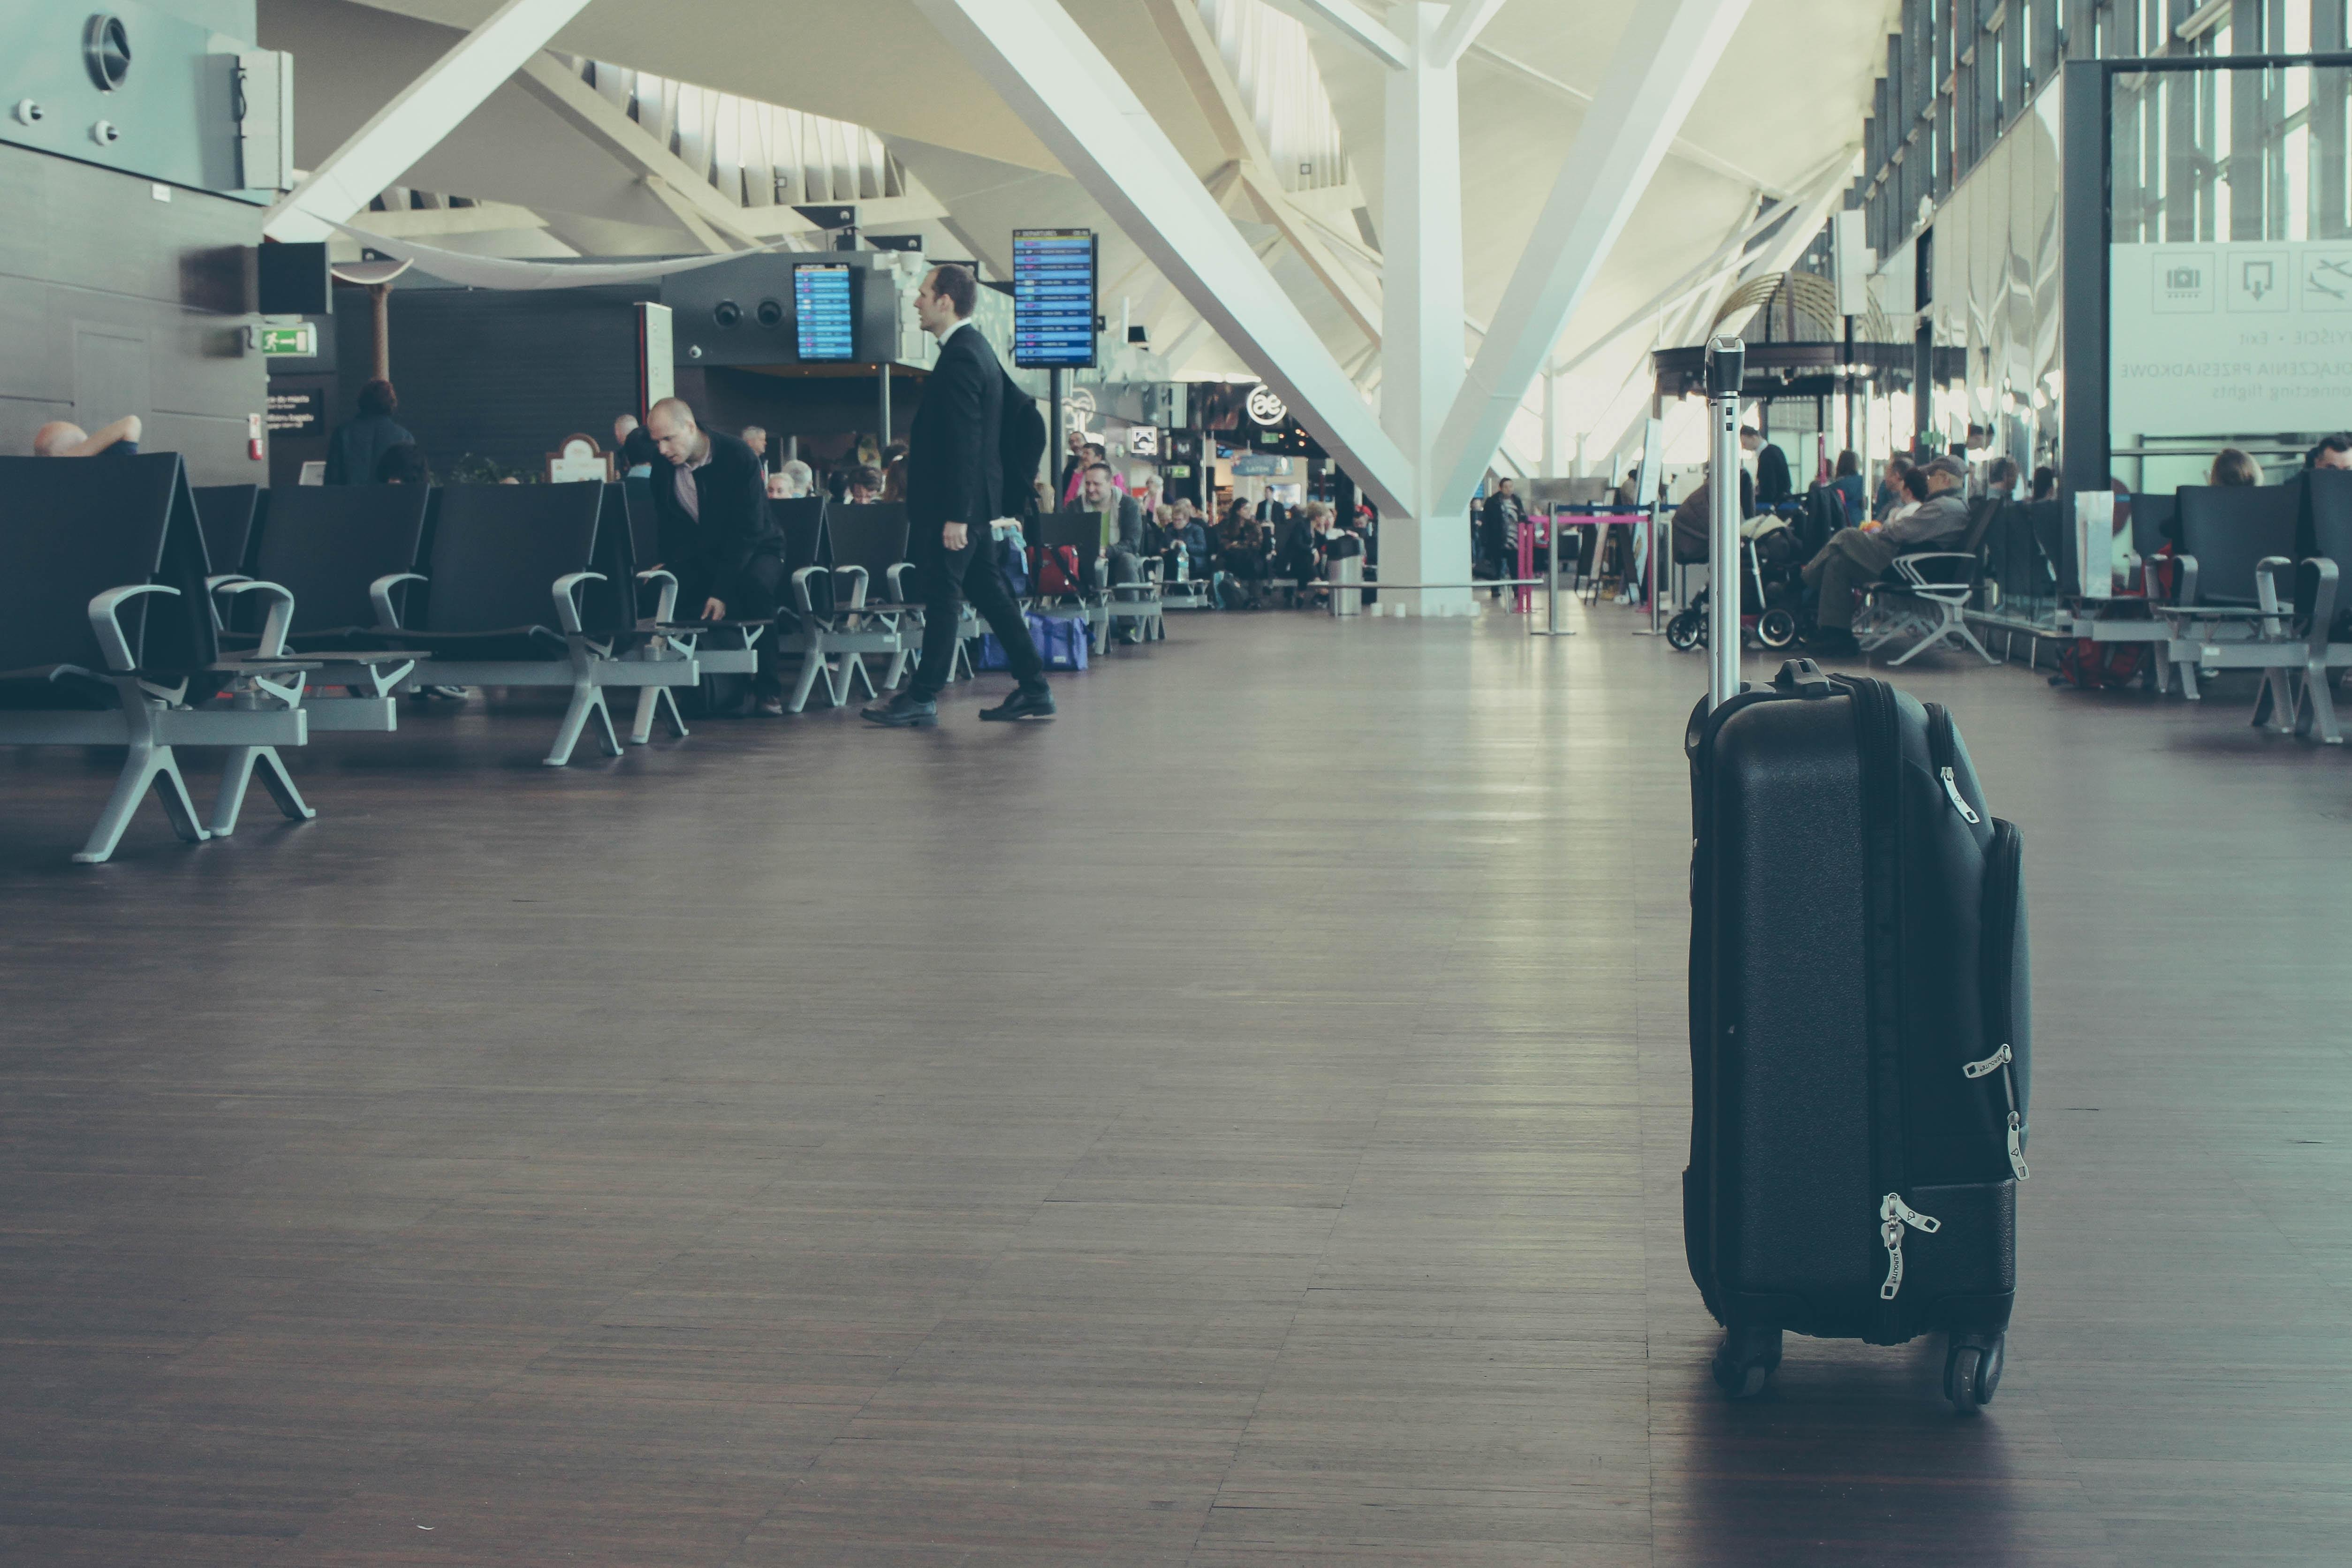 O zavazadla se při přestupech starat nemusíte, měli by doletět až do cílové destinace. Pozor USA jsou výjimka. Tam si své zavazadlo musíte vyzvednout